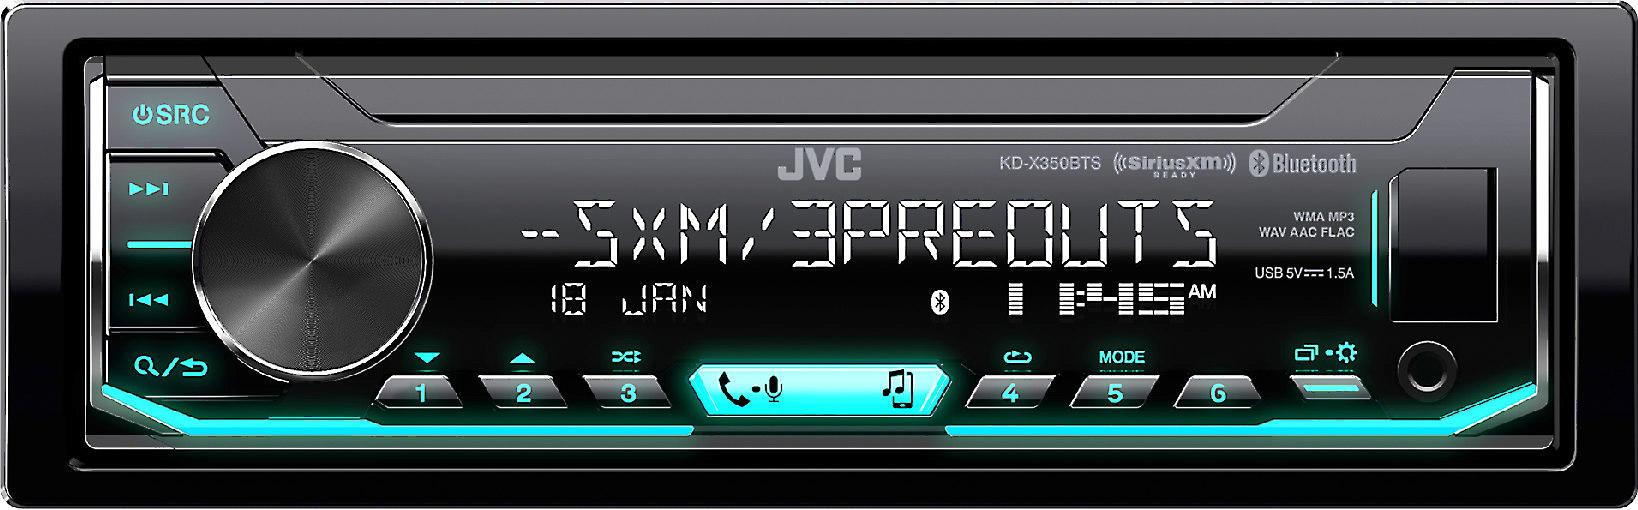 JVC KD-X350BTS